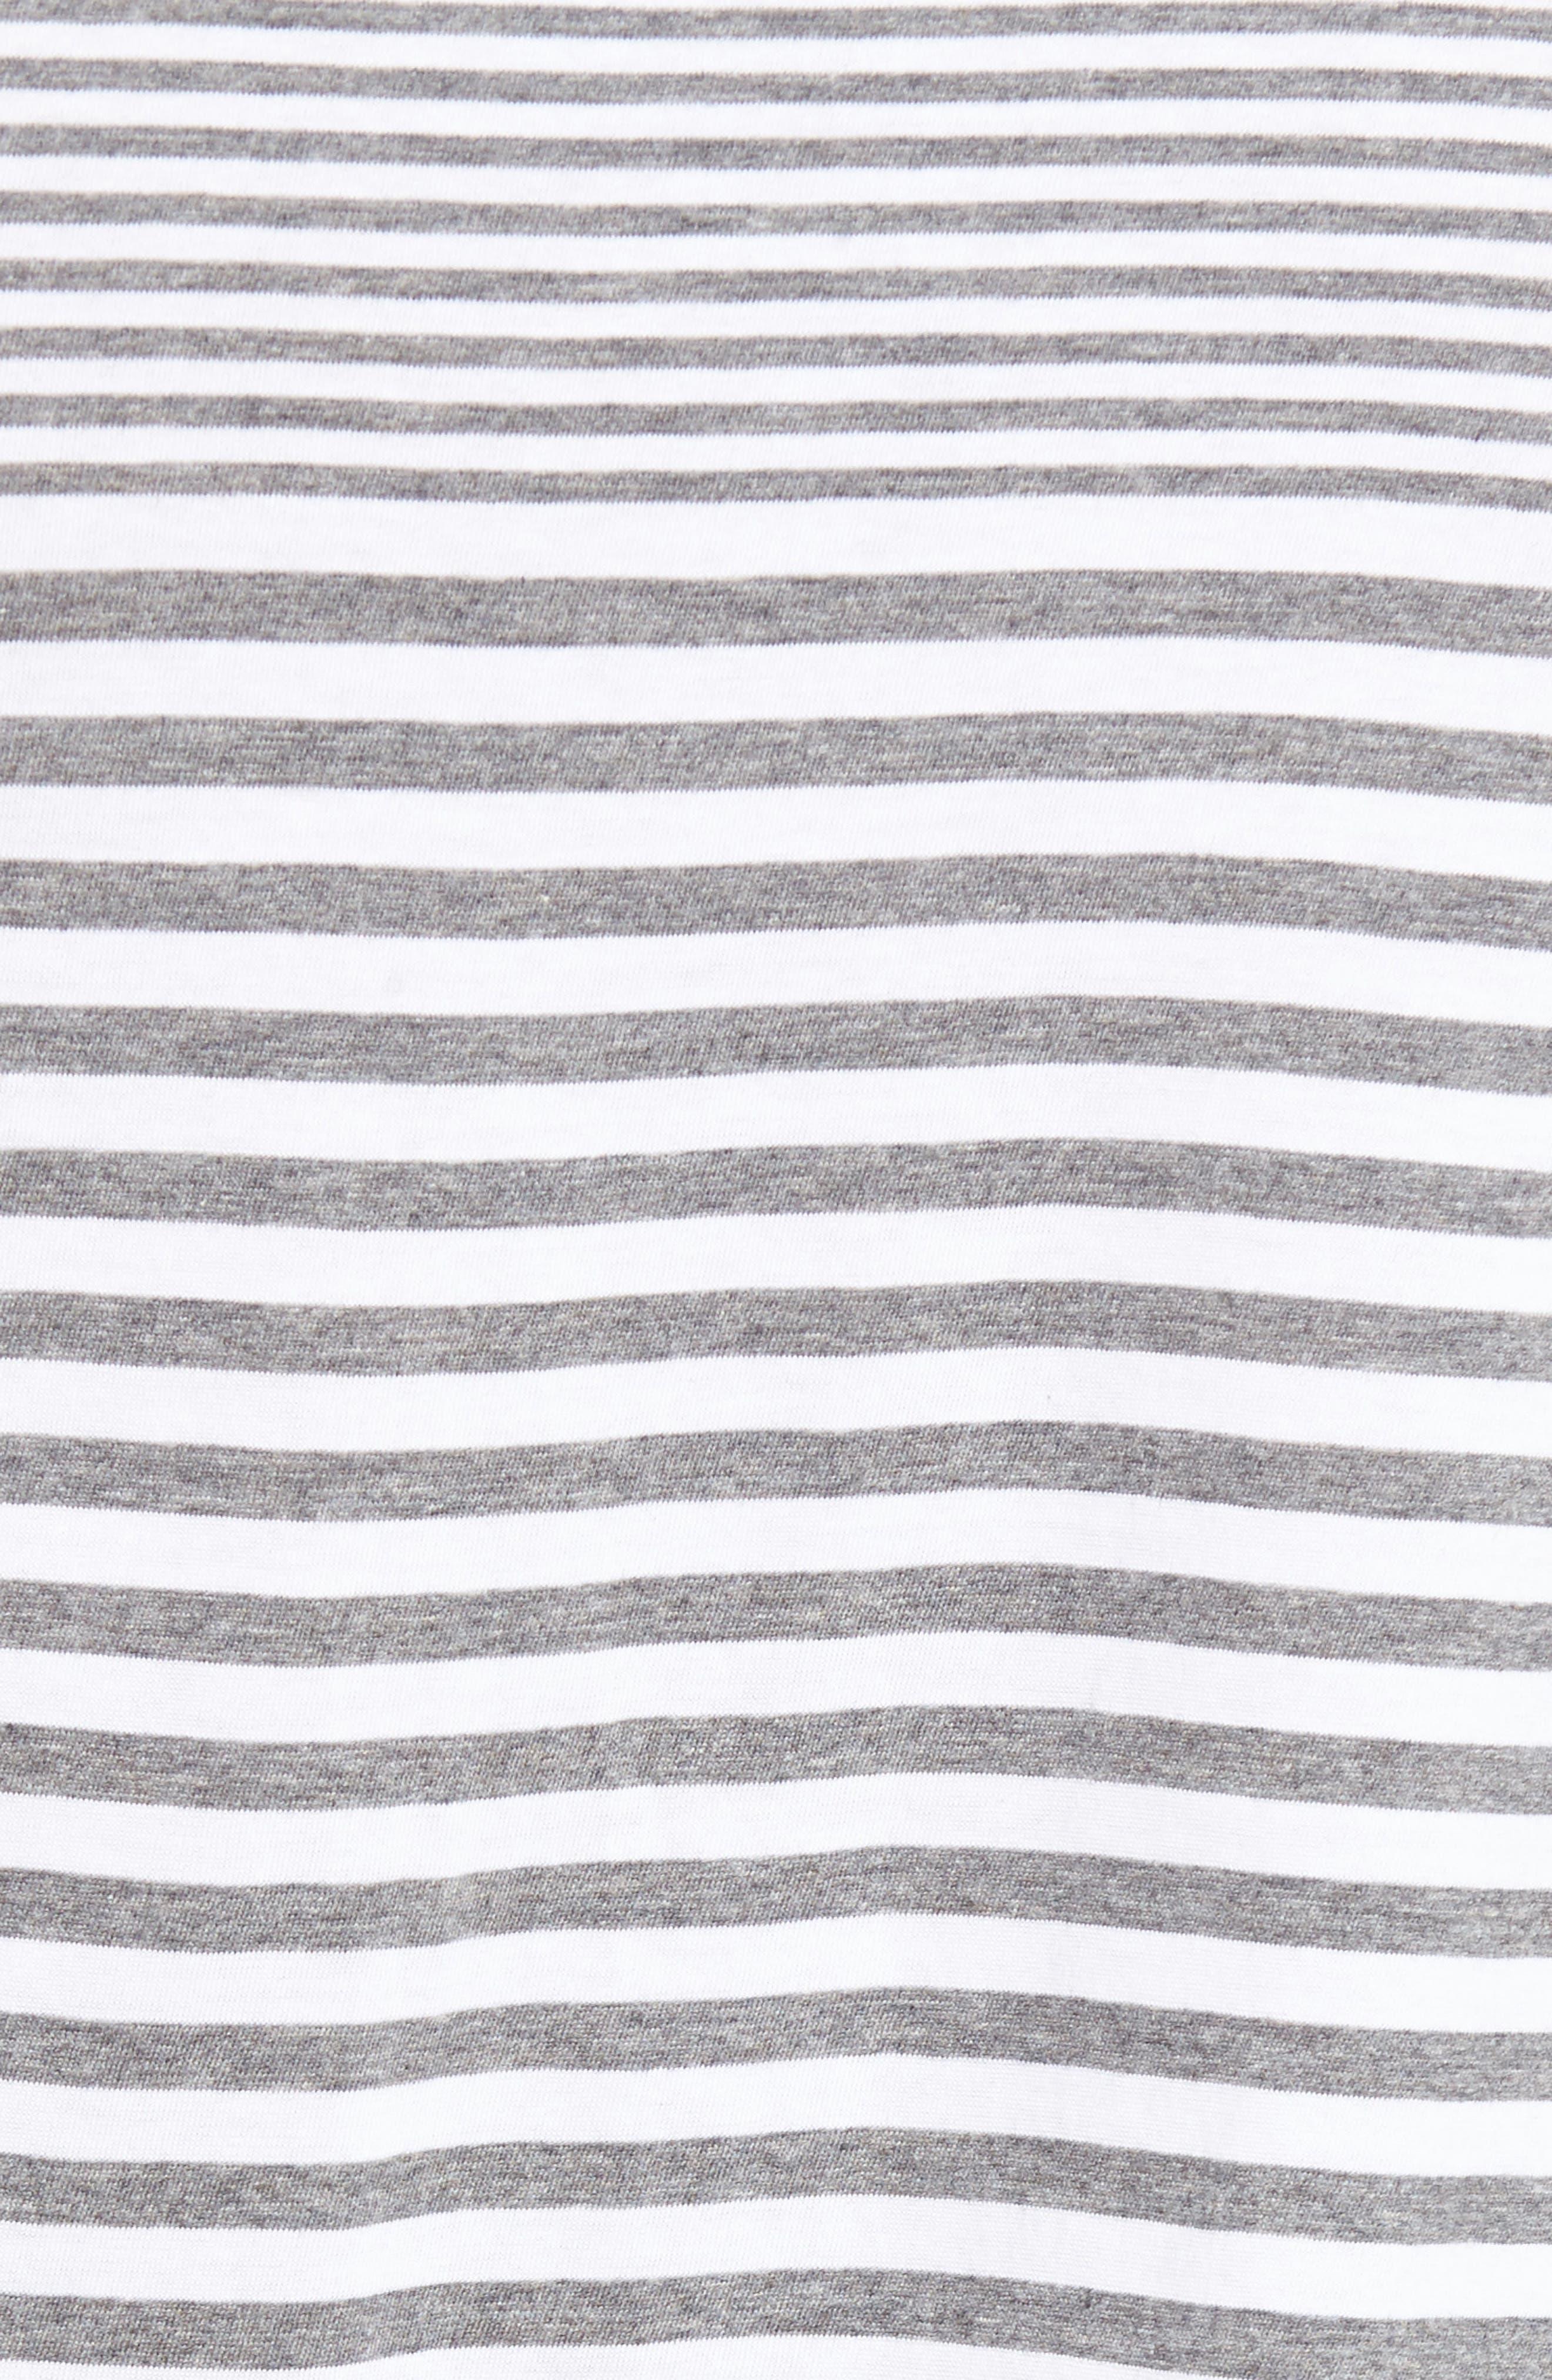 Tessler Slim Fit Stripe T-Shirt,                             Alternate thumbnail 9, color,